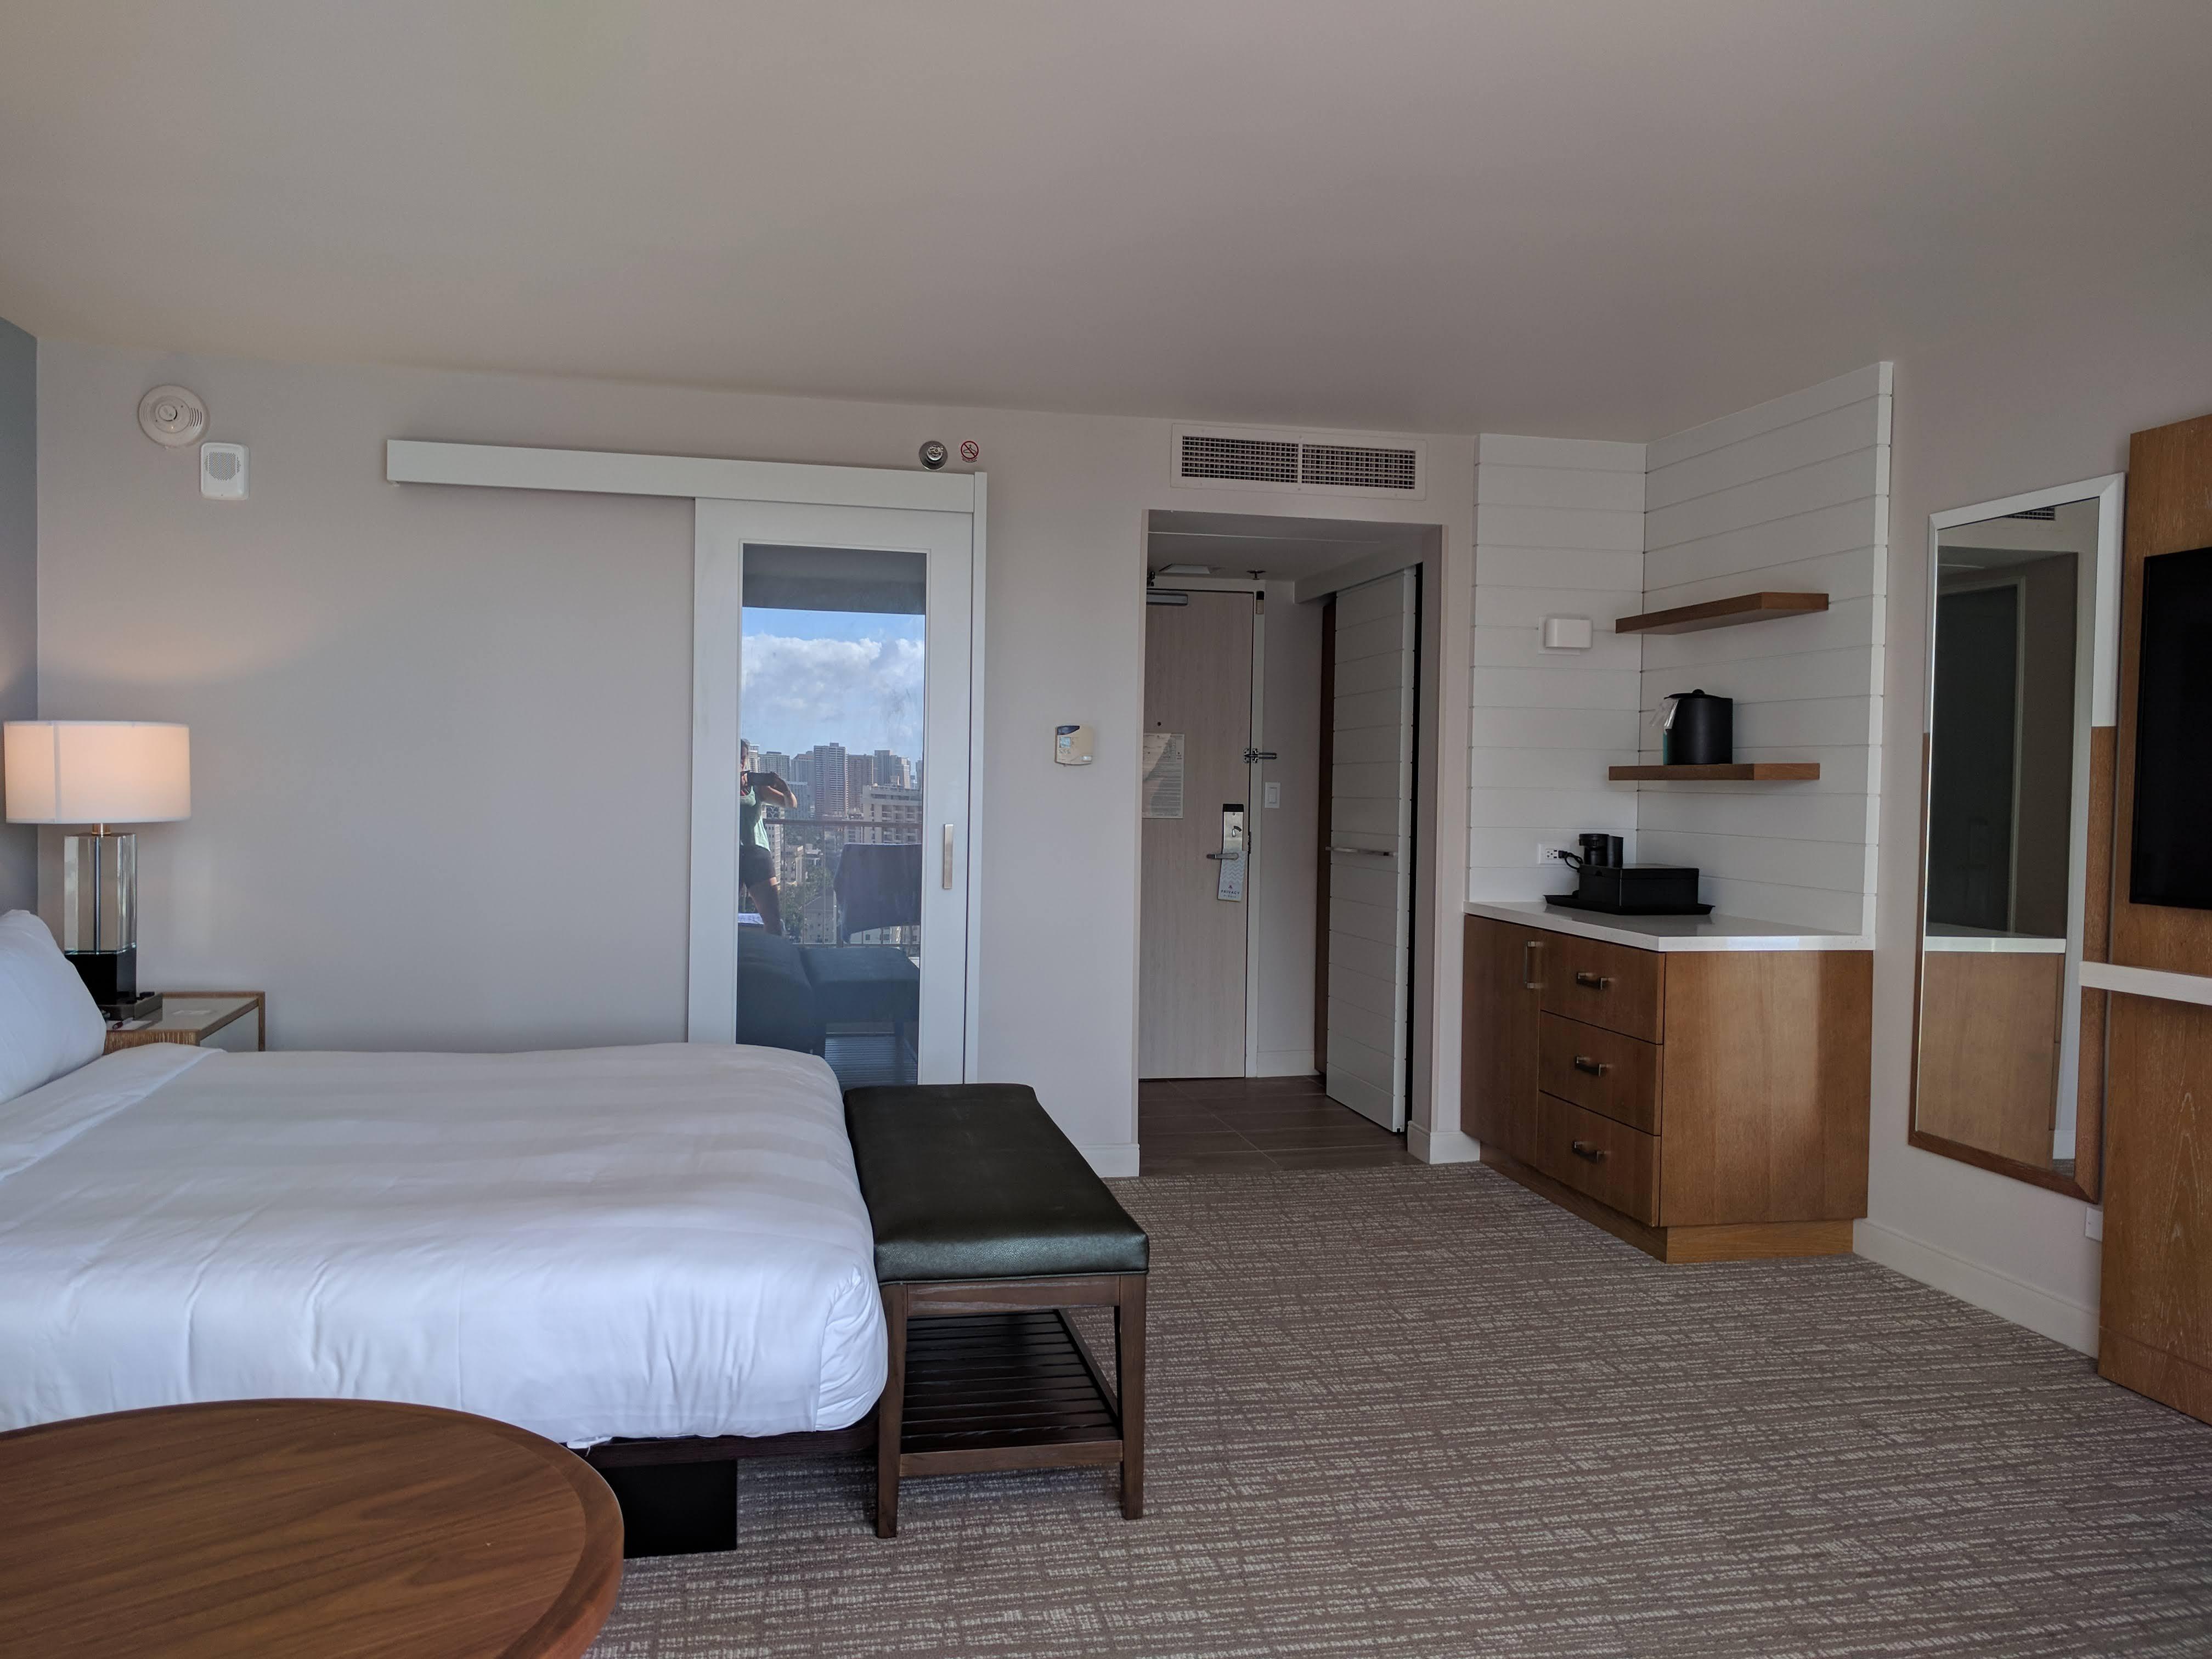 Ocean Front Room at the Waikiki Marriott: facing inwards